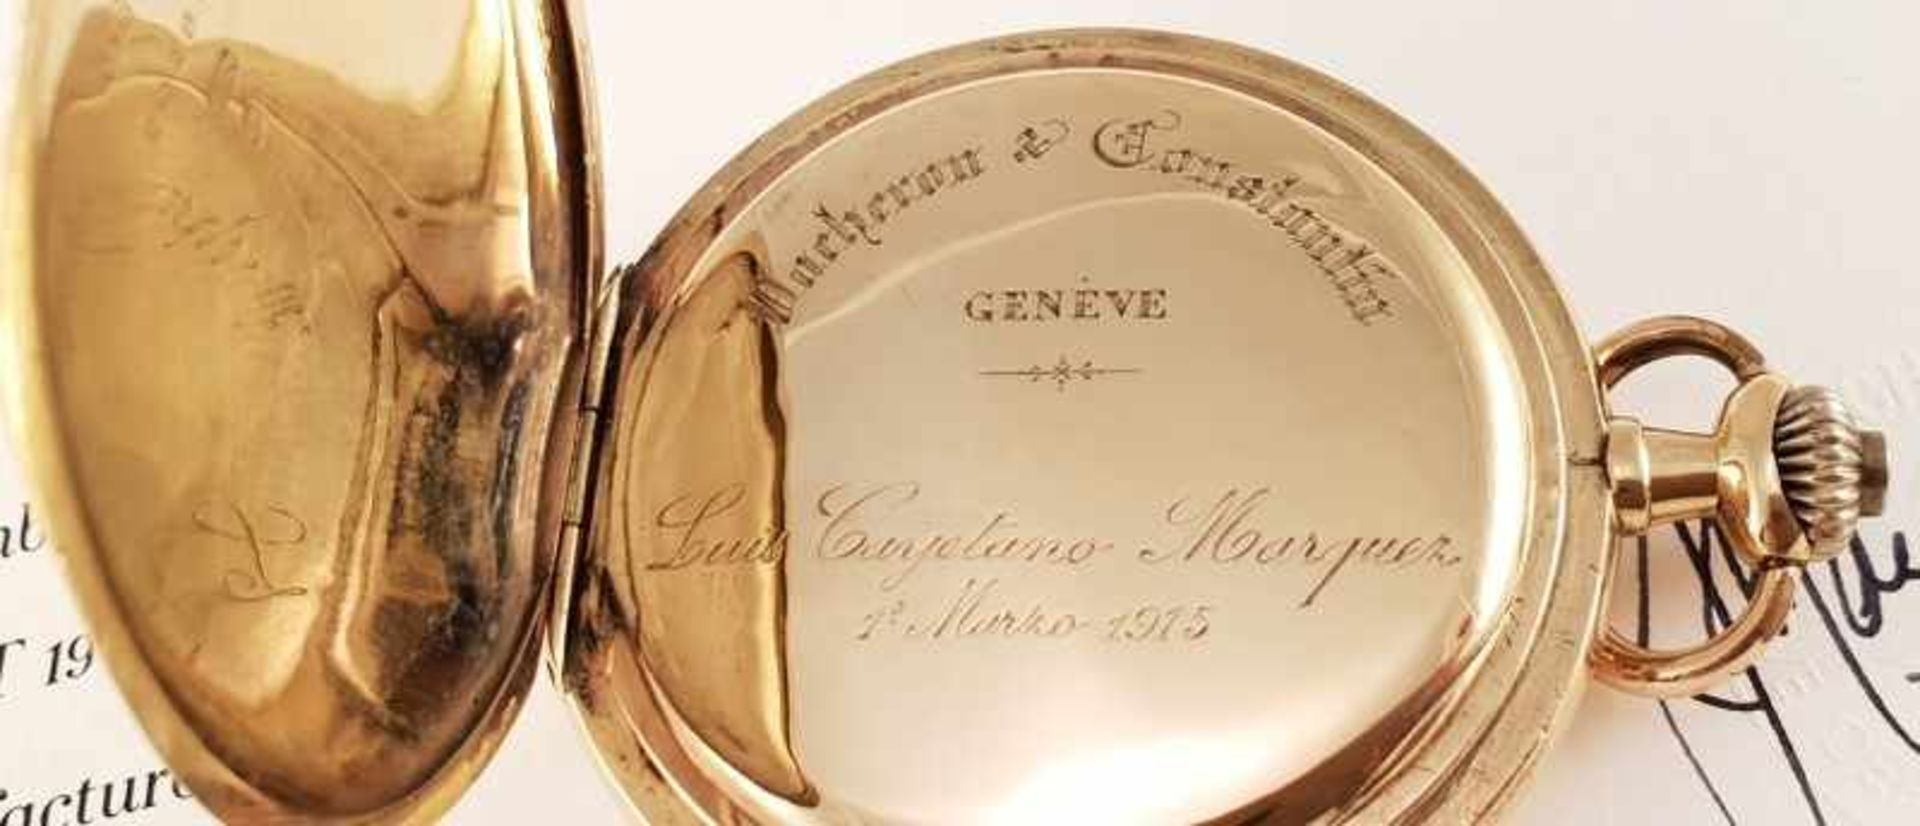 Vacheron Constantin ,Taschenuhr , Gold 750, Gehäusenr.: 221826, Werknr.: 358579 , 1911 , Cal: RA T - Bild 3 aus 4